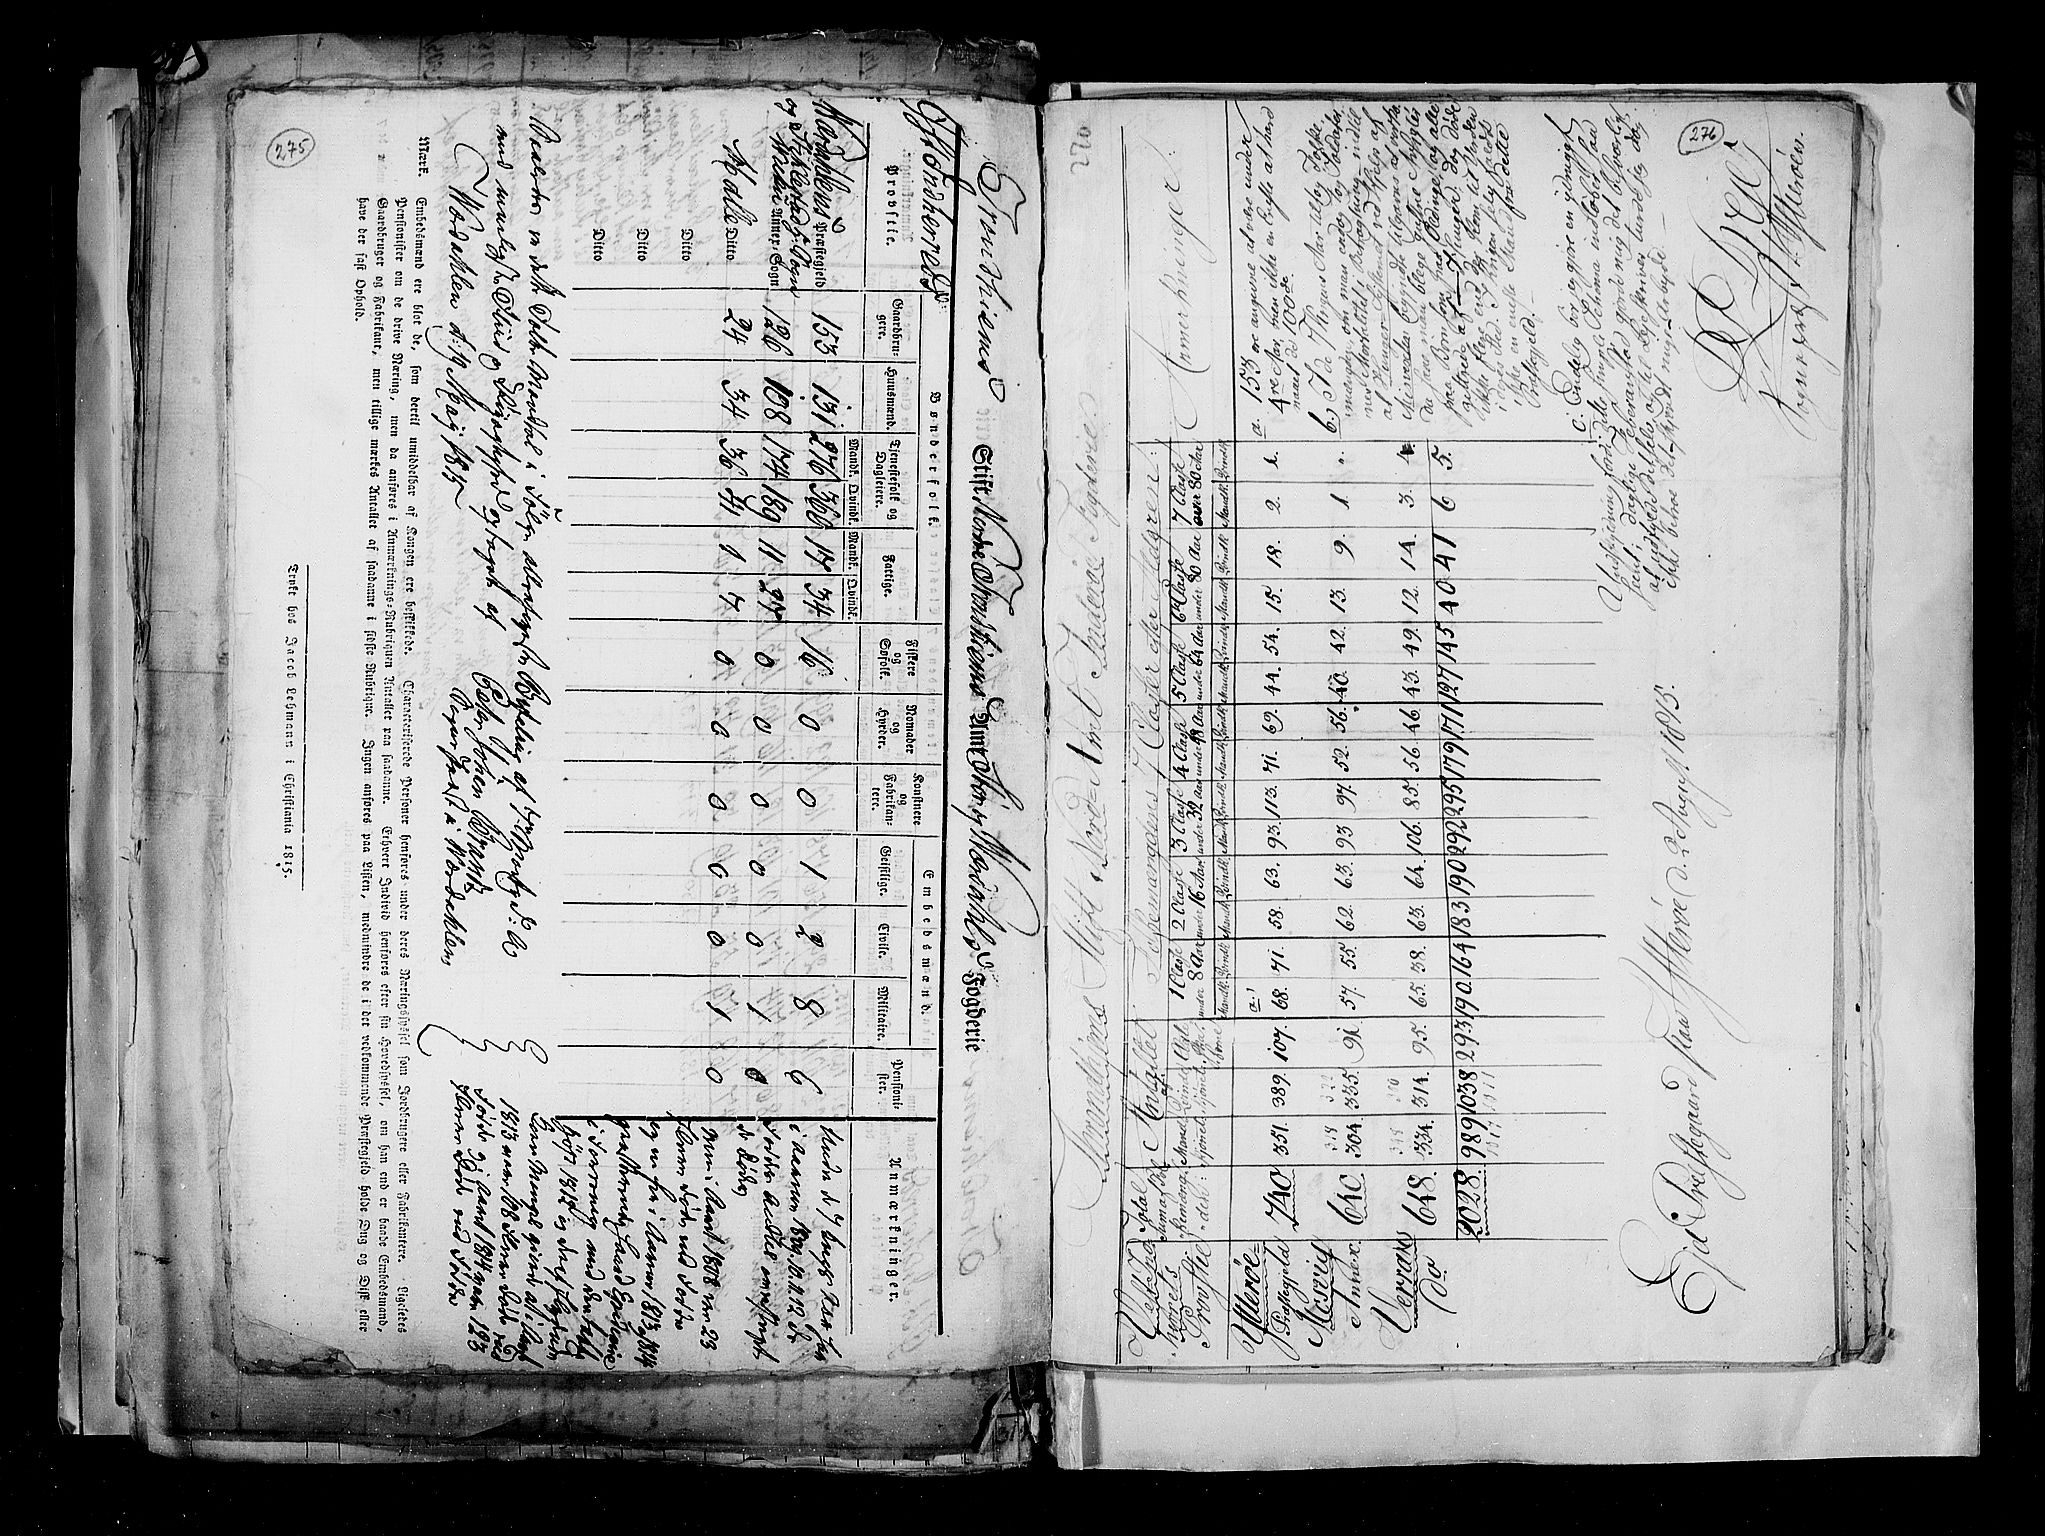 RA, Folketellingen 1815, bind 2: Bergen stift og Trondheim stift, 1815, s. 174